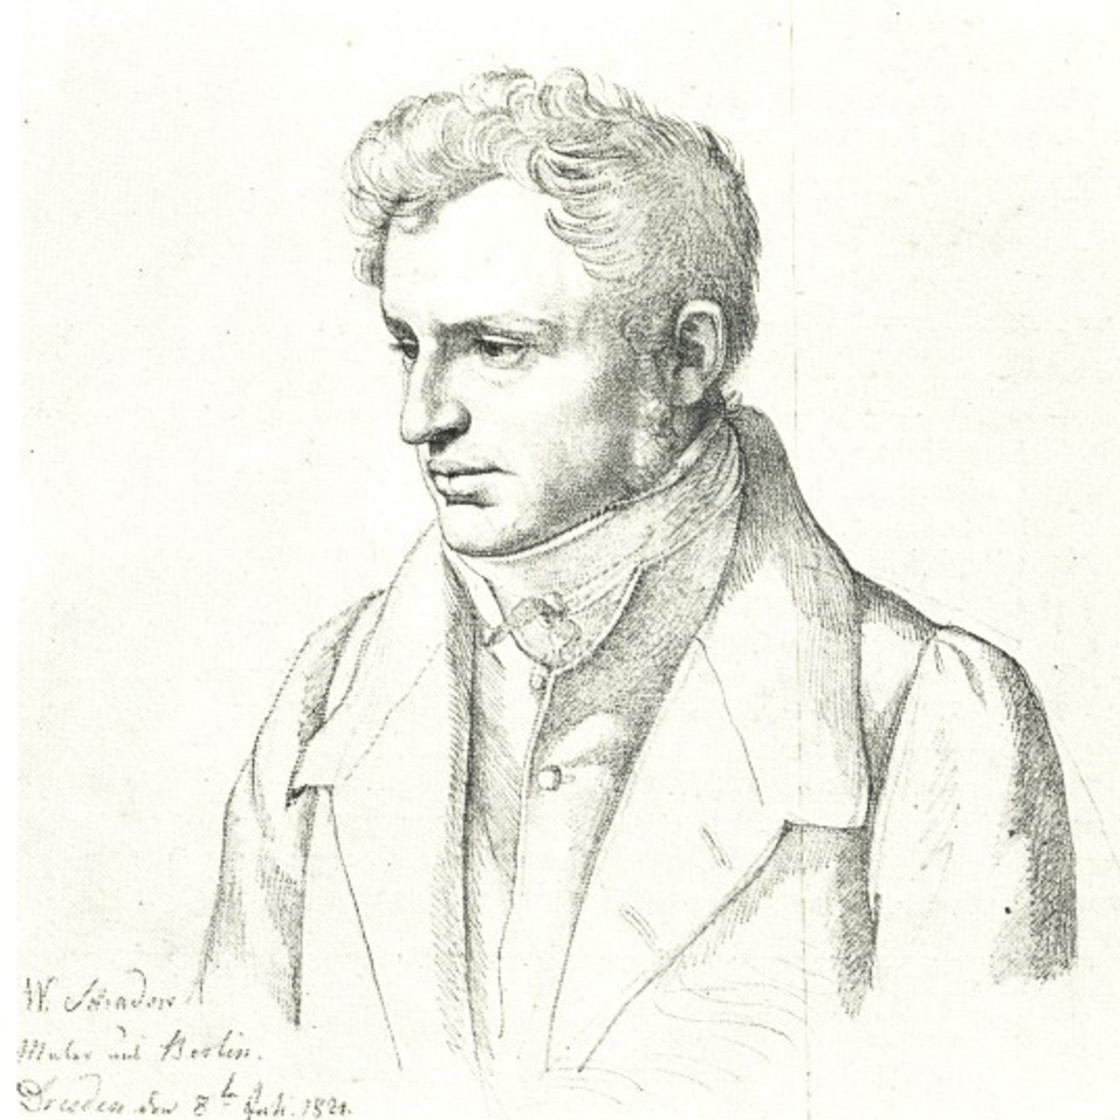 Friedrich Wilhelm von Schadow